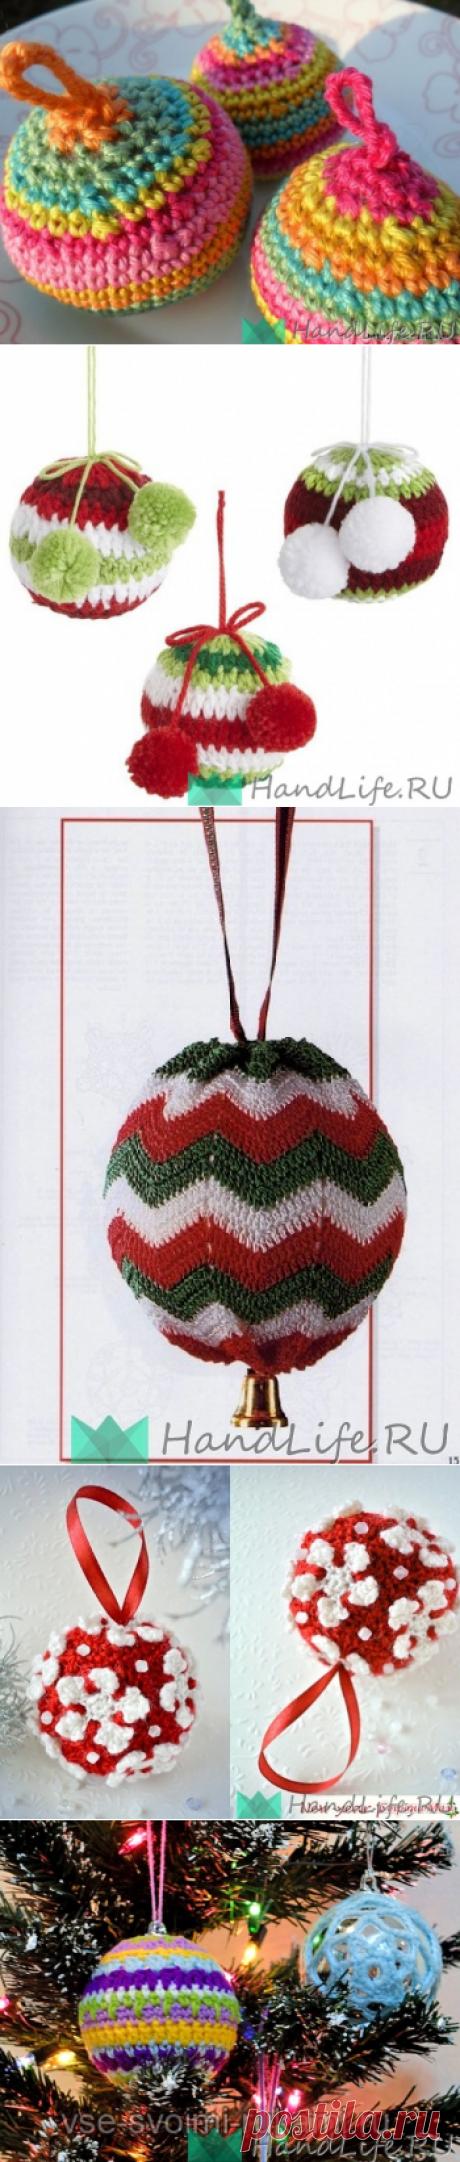 Вязаные шарики на елку. Плотное вязание крючком (видео) / Новый год!